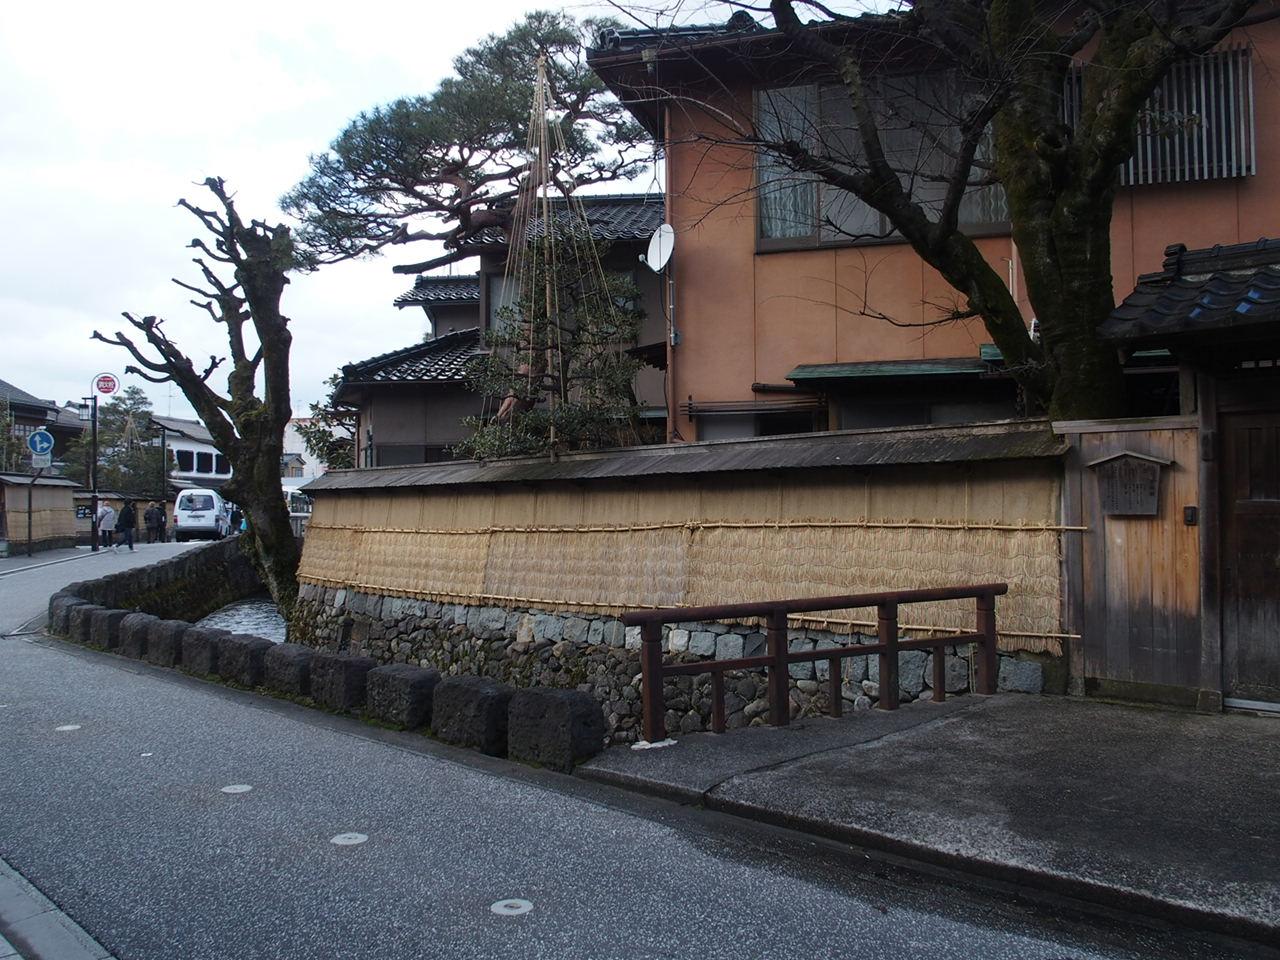 金沢の観光スポット武家屋敷